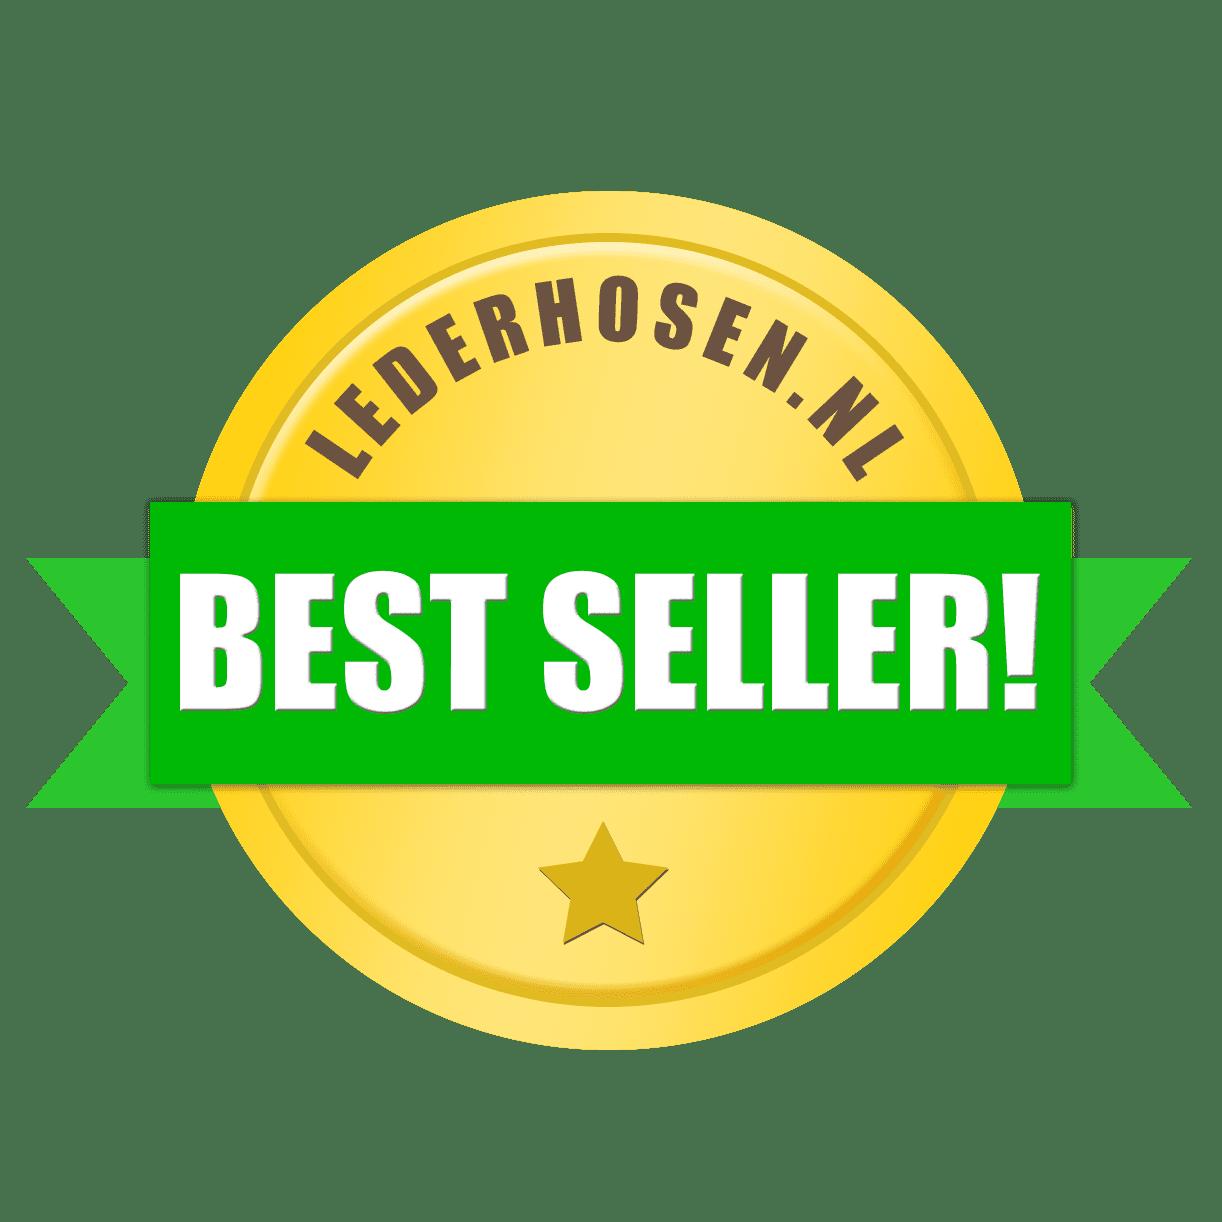 best seller lederhosen - Heidi jurkje Trudy